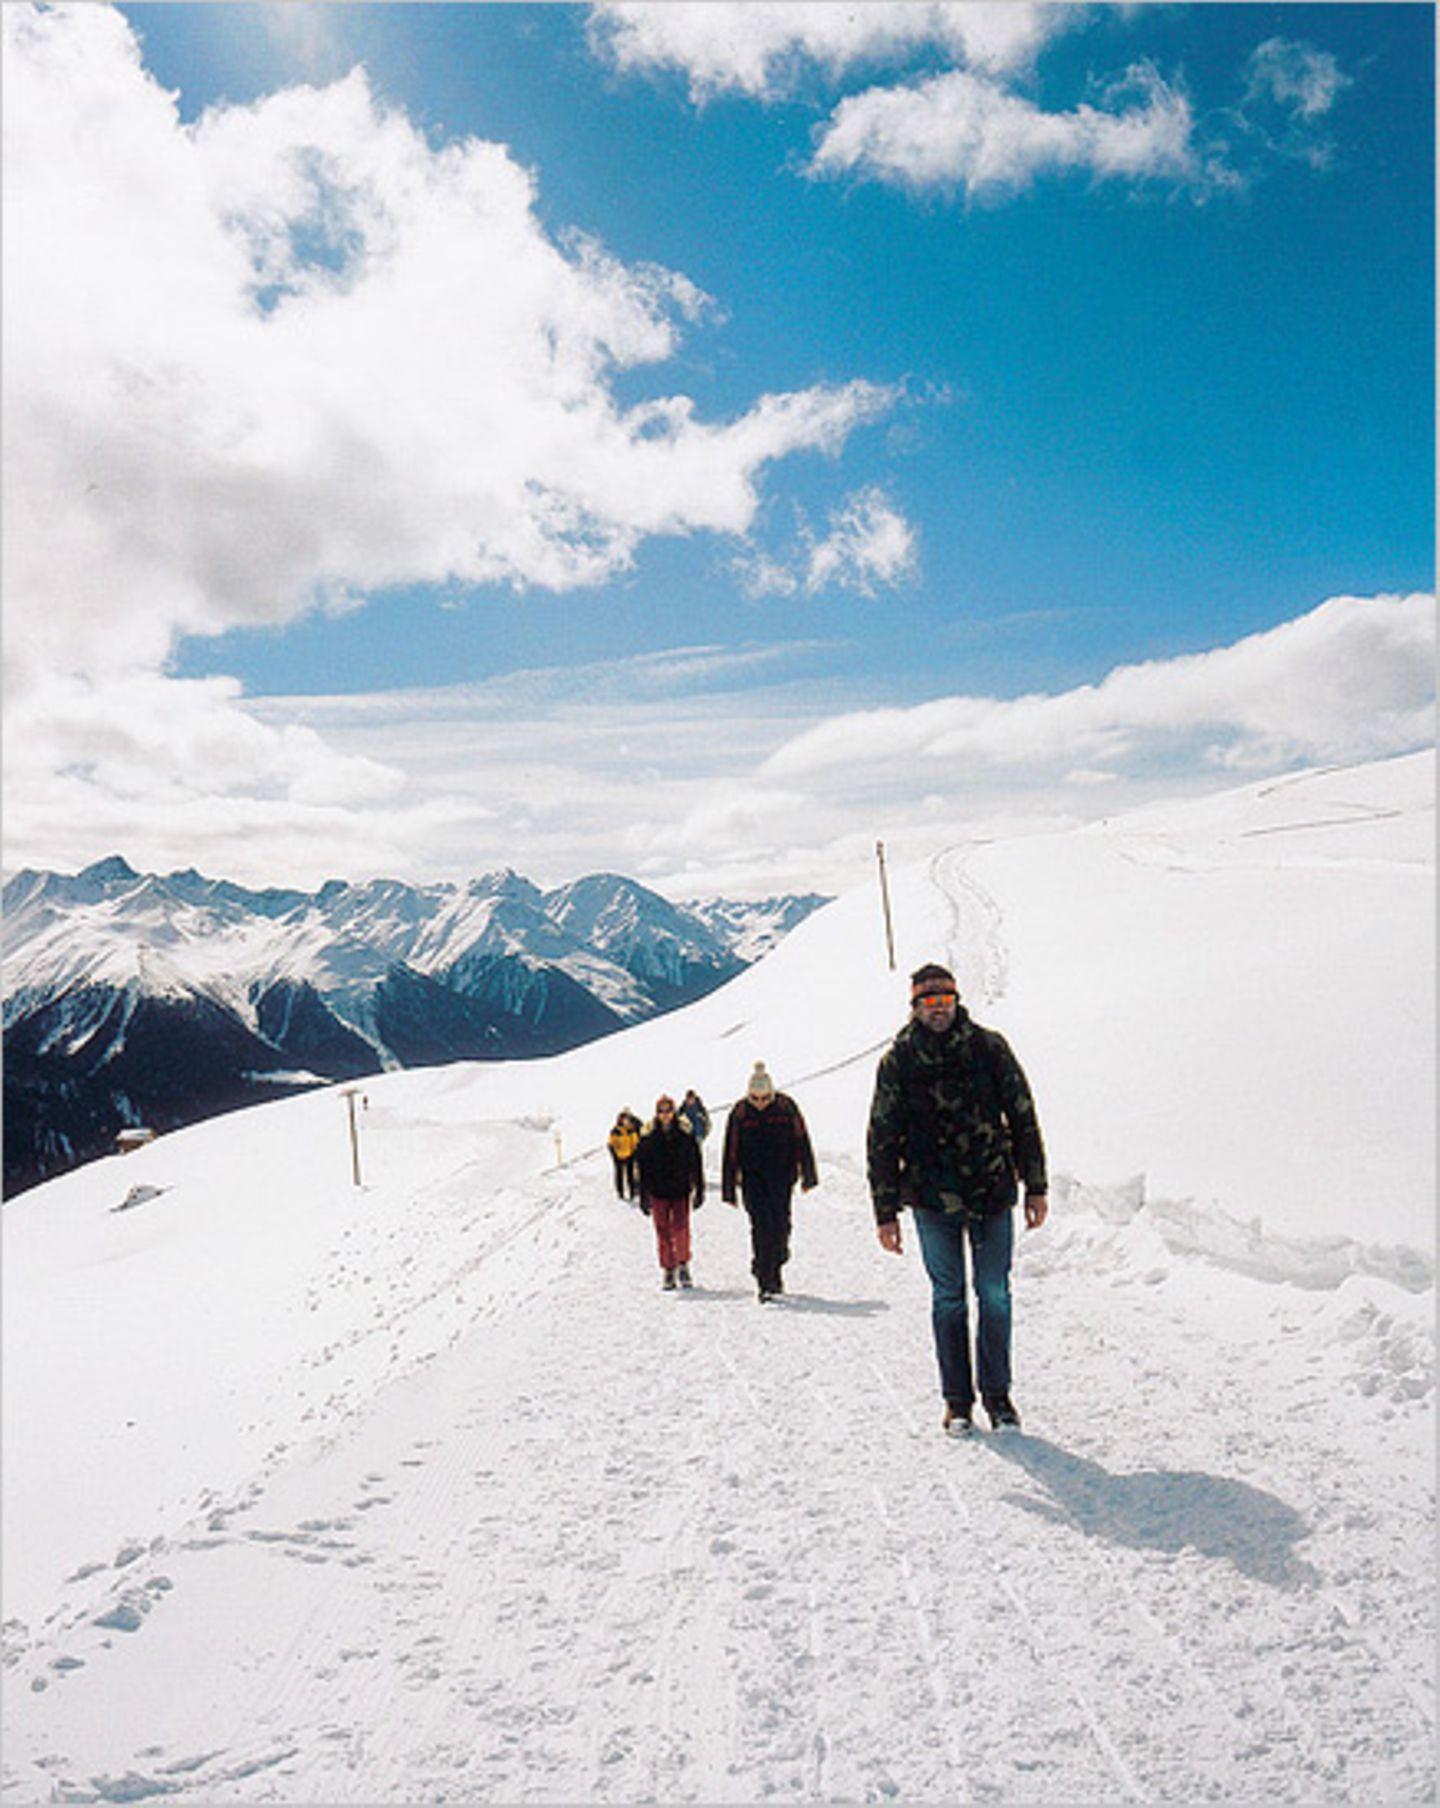 Schweizer Alpen: Winterwandern im Unterengadin - Bild 6